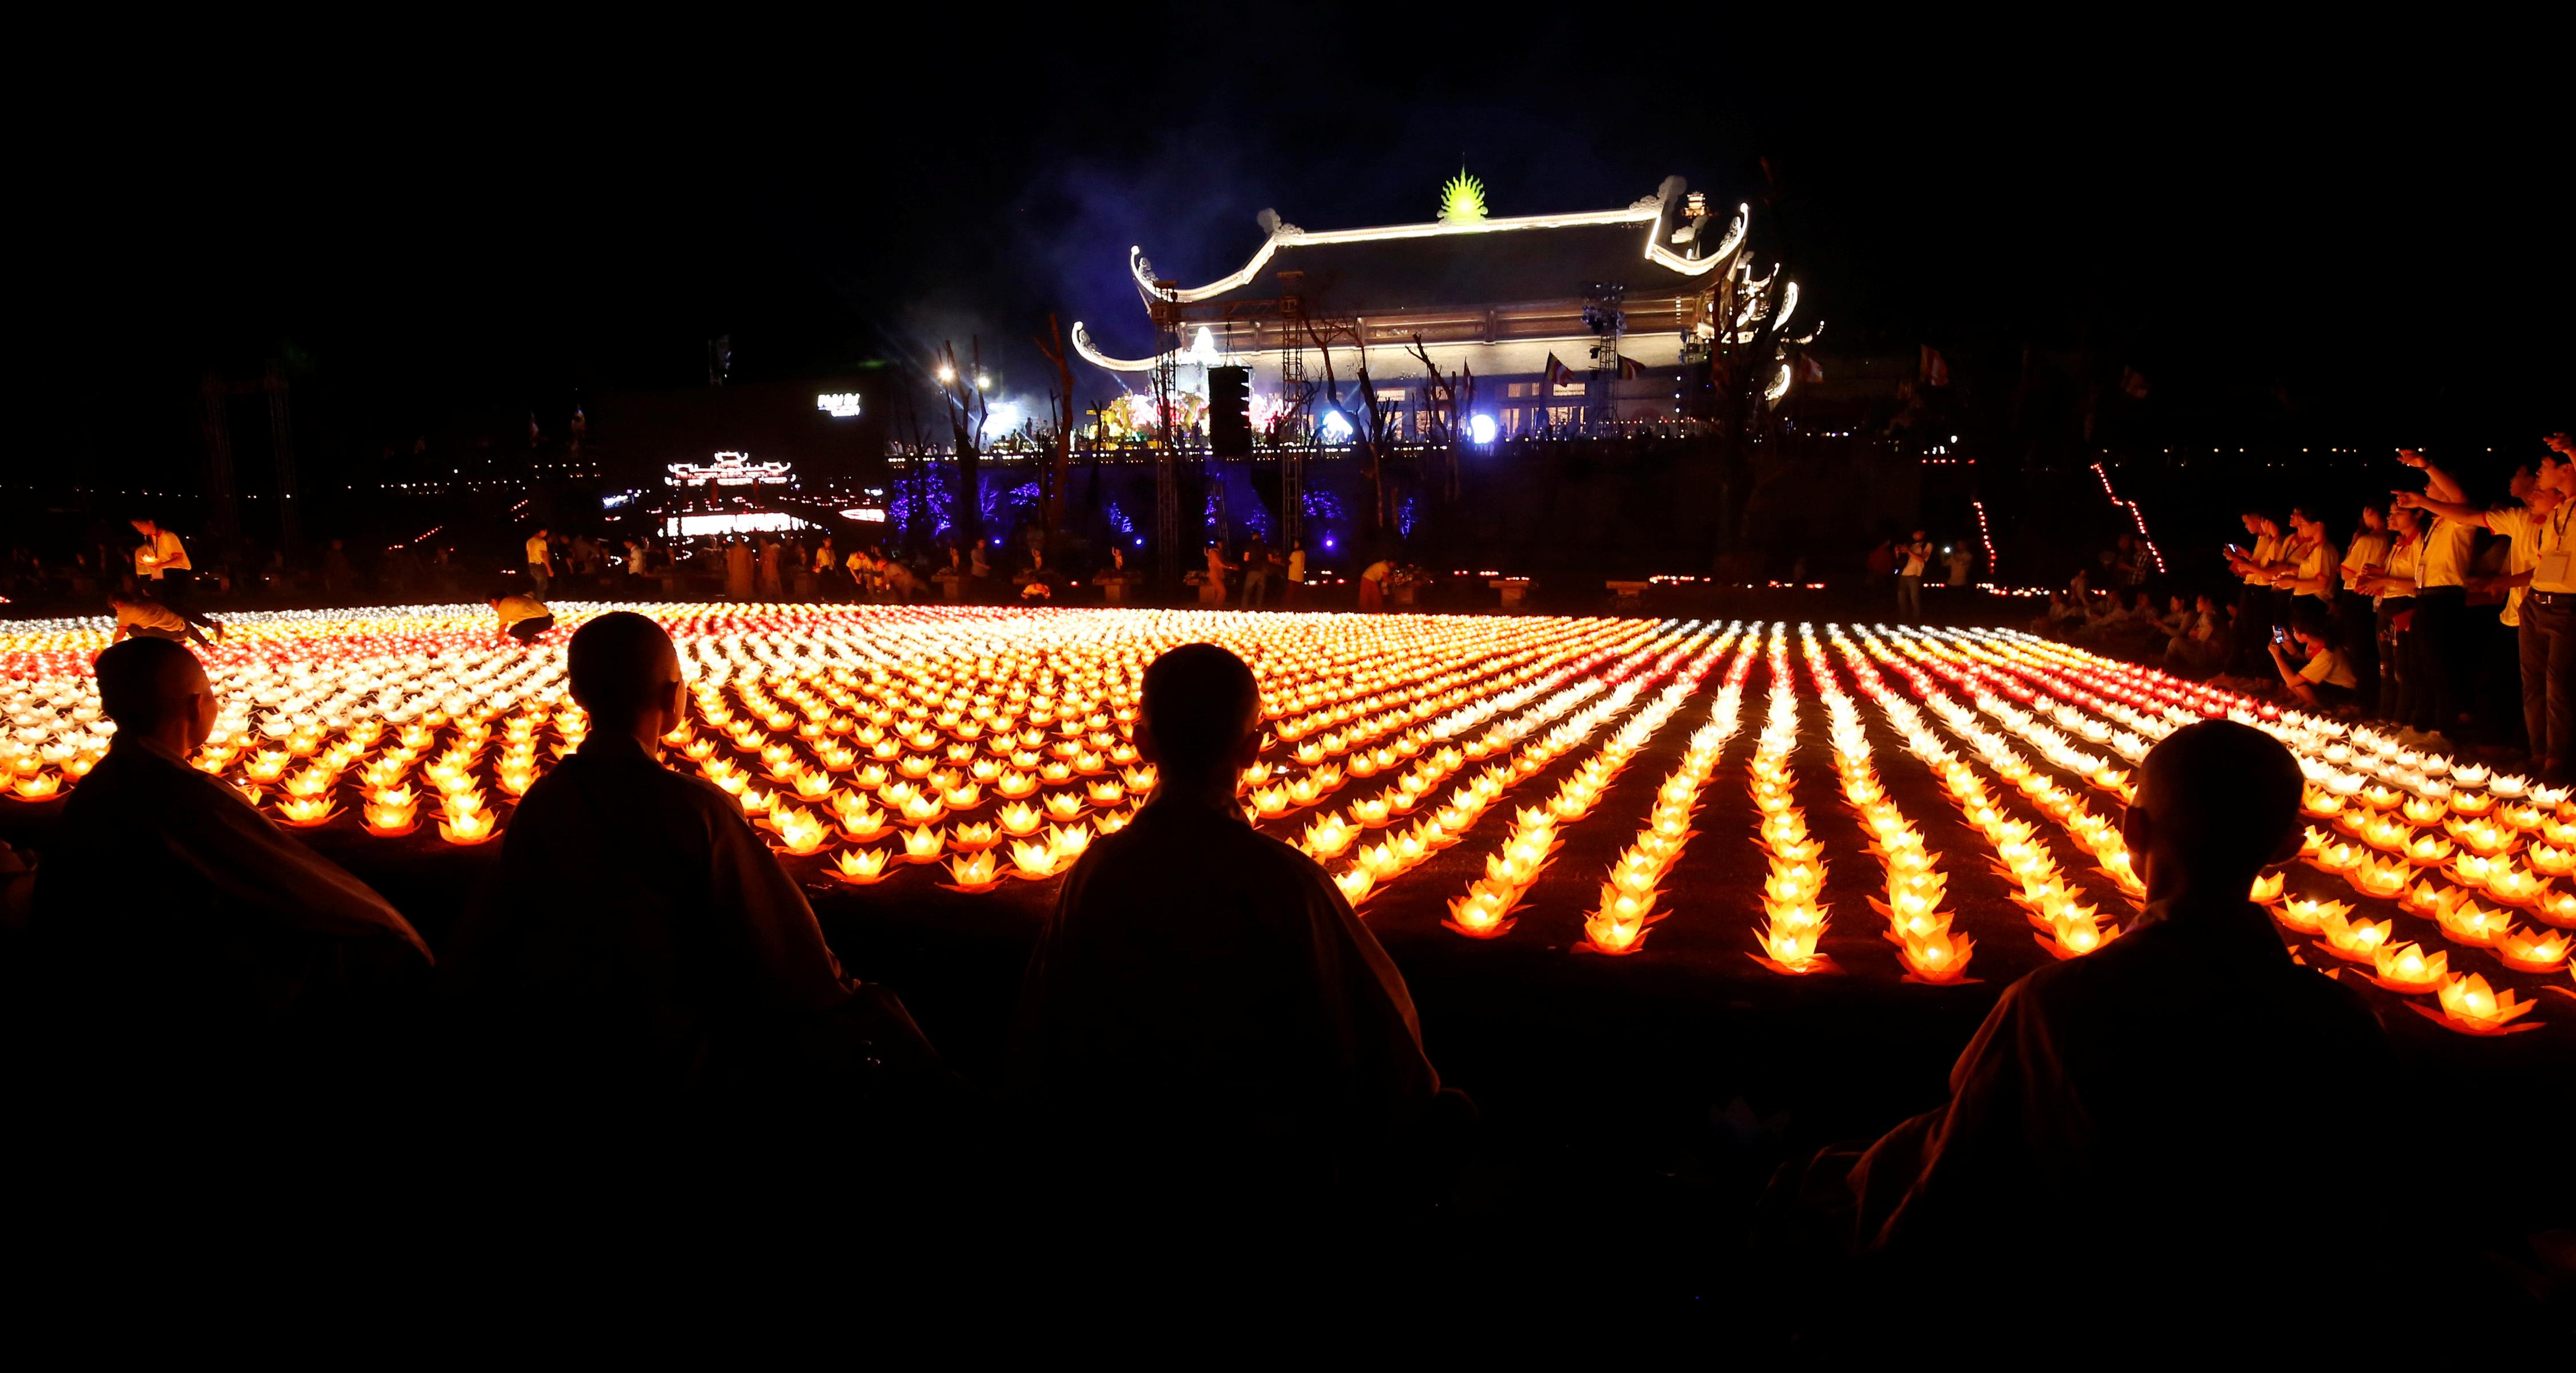 المهرجان الشعبى البوذى (4)